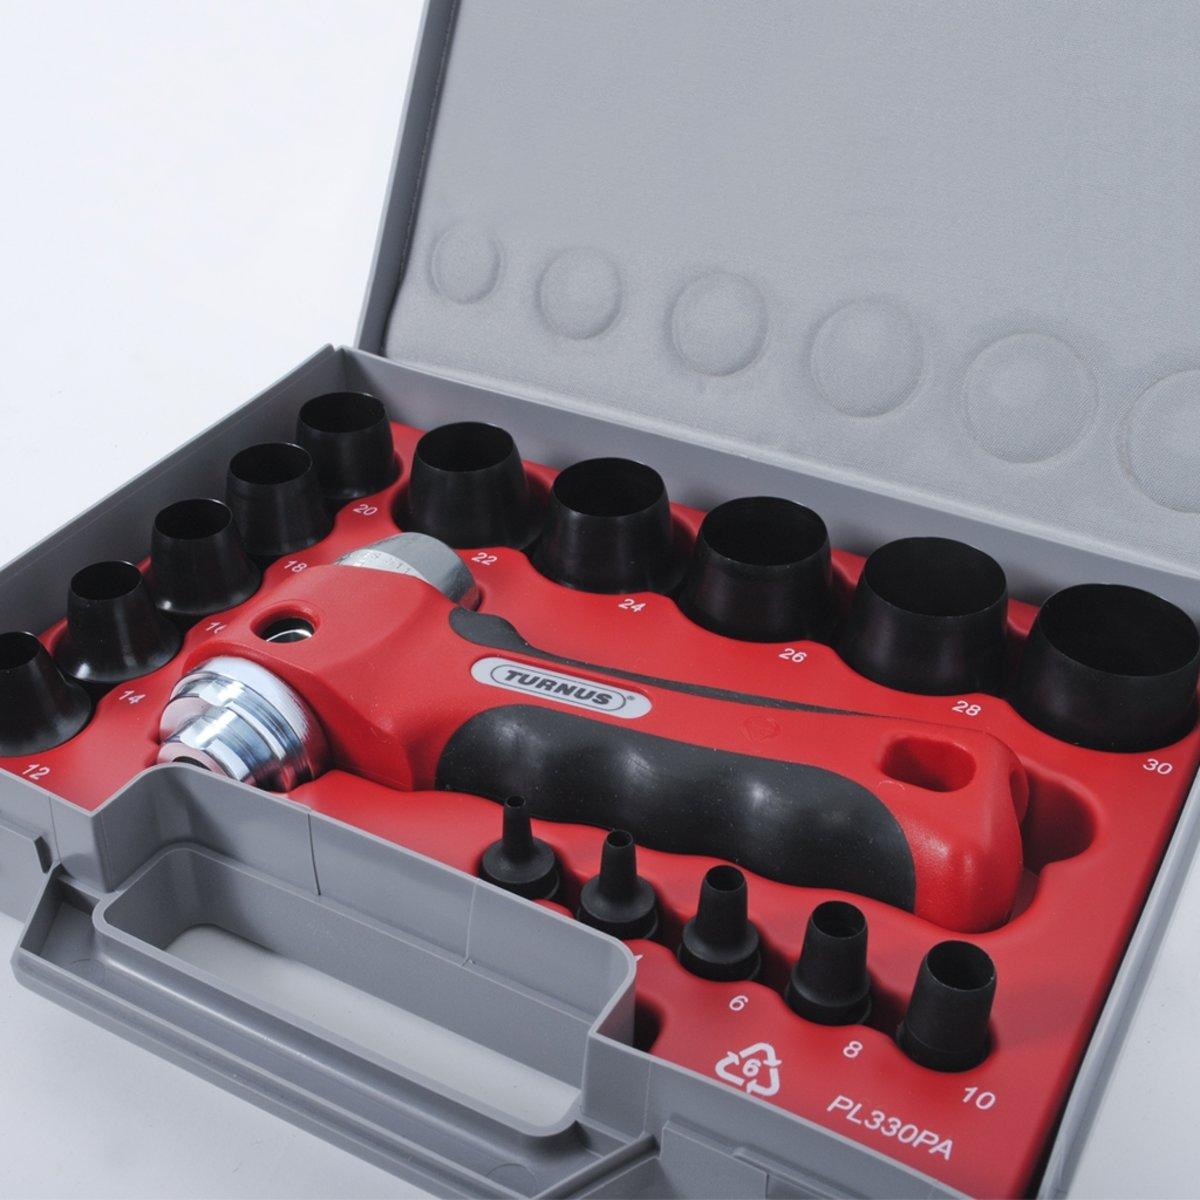 Holpijpset Turnus 326-330 3-30mm 15dlg kopen